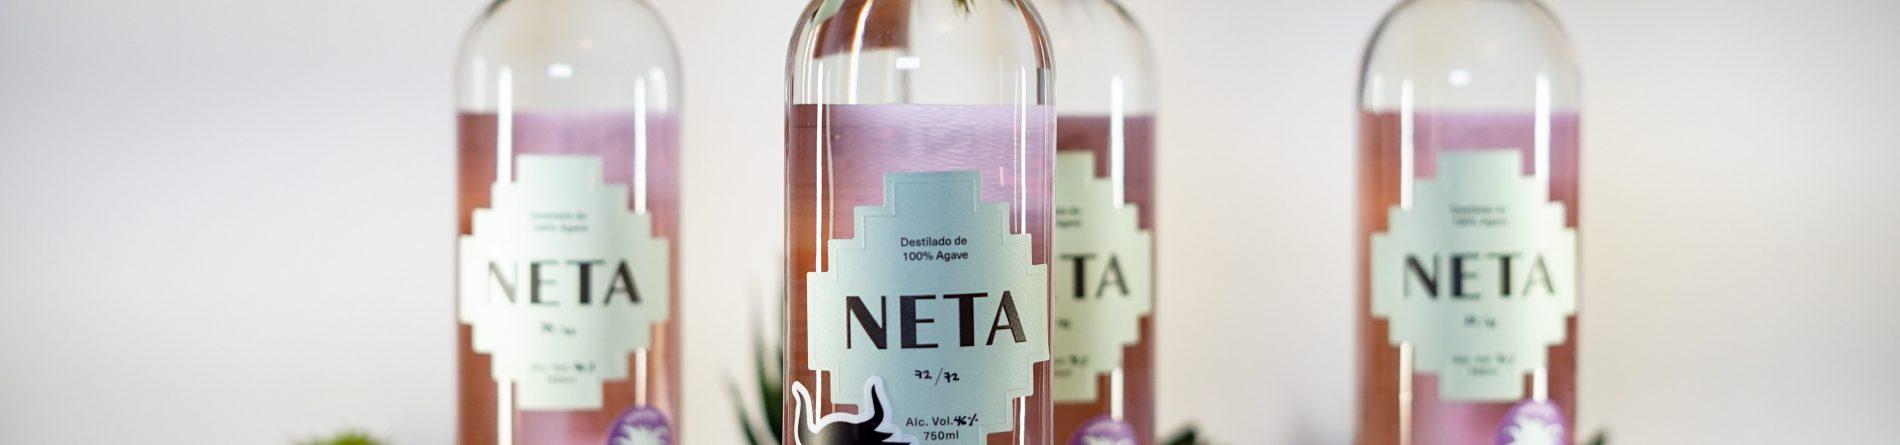 NETA Tepextate